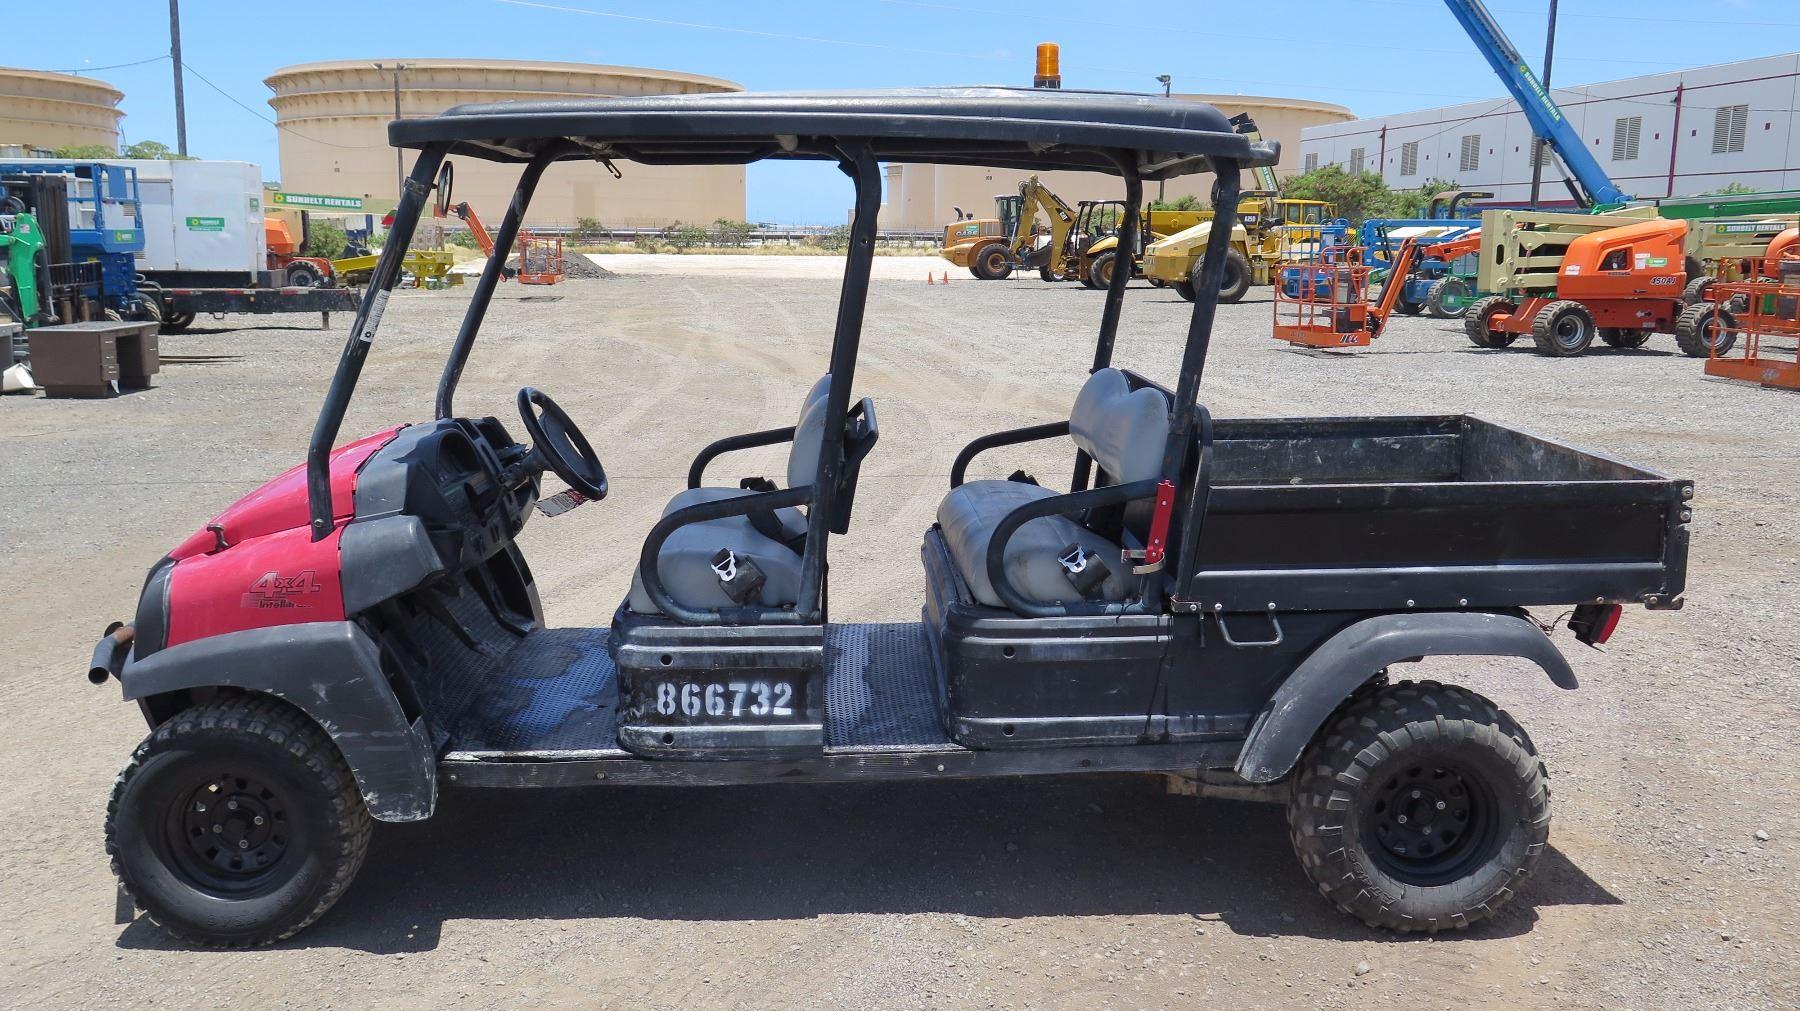 2011 CLUBCAR XRT1550SE 4 SEAT UTV - KUBOTA DIESEL -RUNS